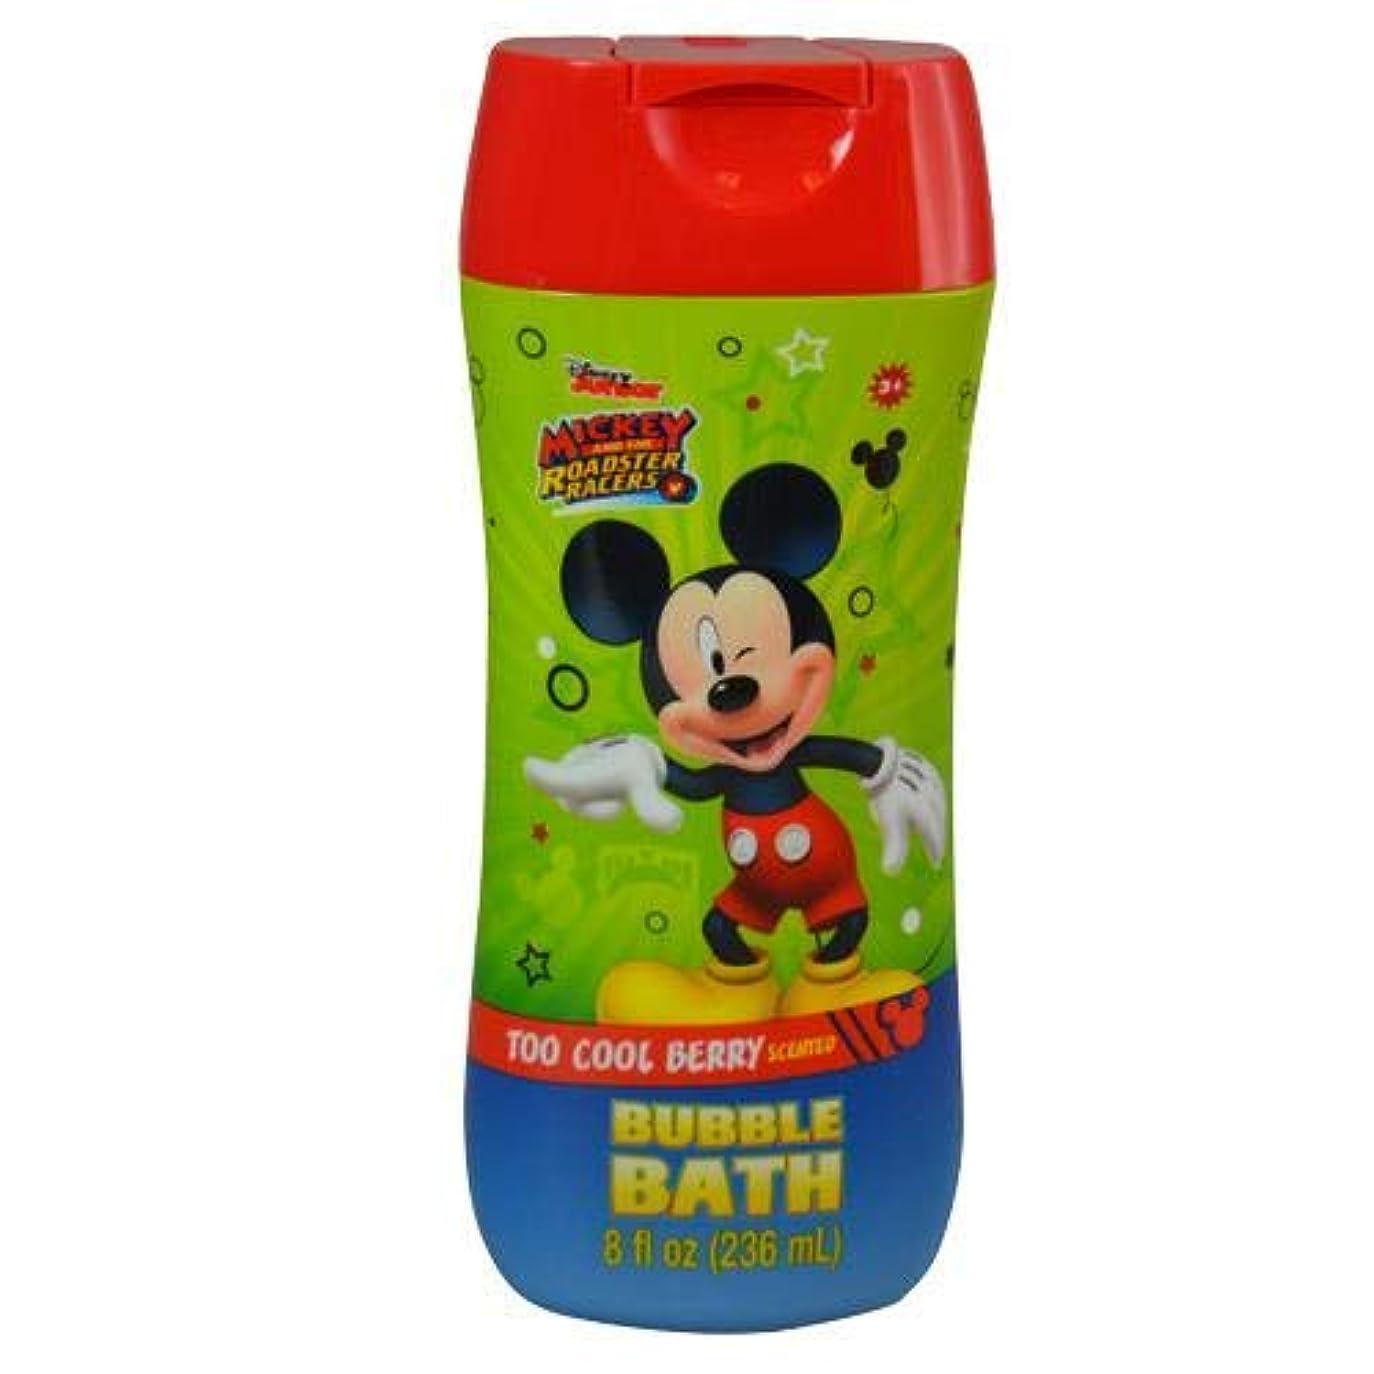 不合格プラットフォーム縞模様のミッキー バブルバス 13398 子供 子供用 ディズニー Disney キャラクター グッズ【即日?翌日発送】